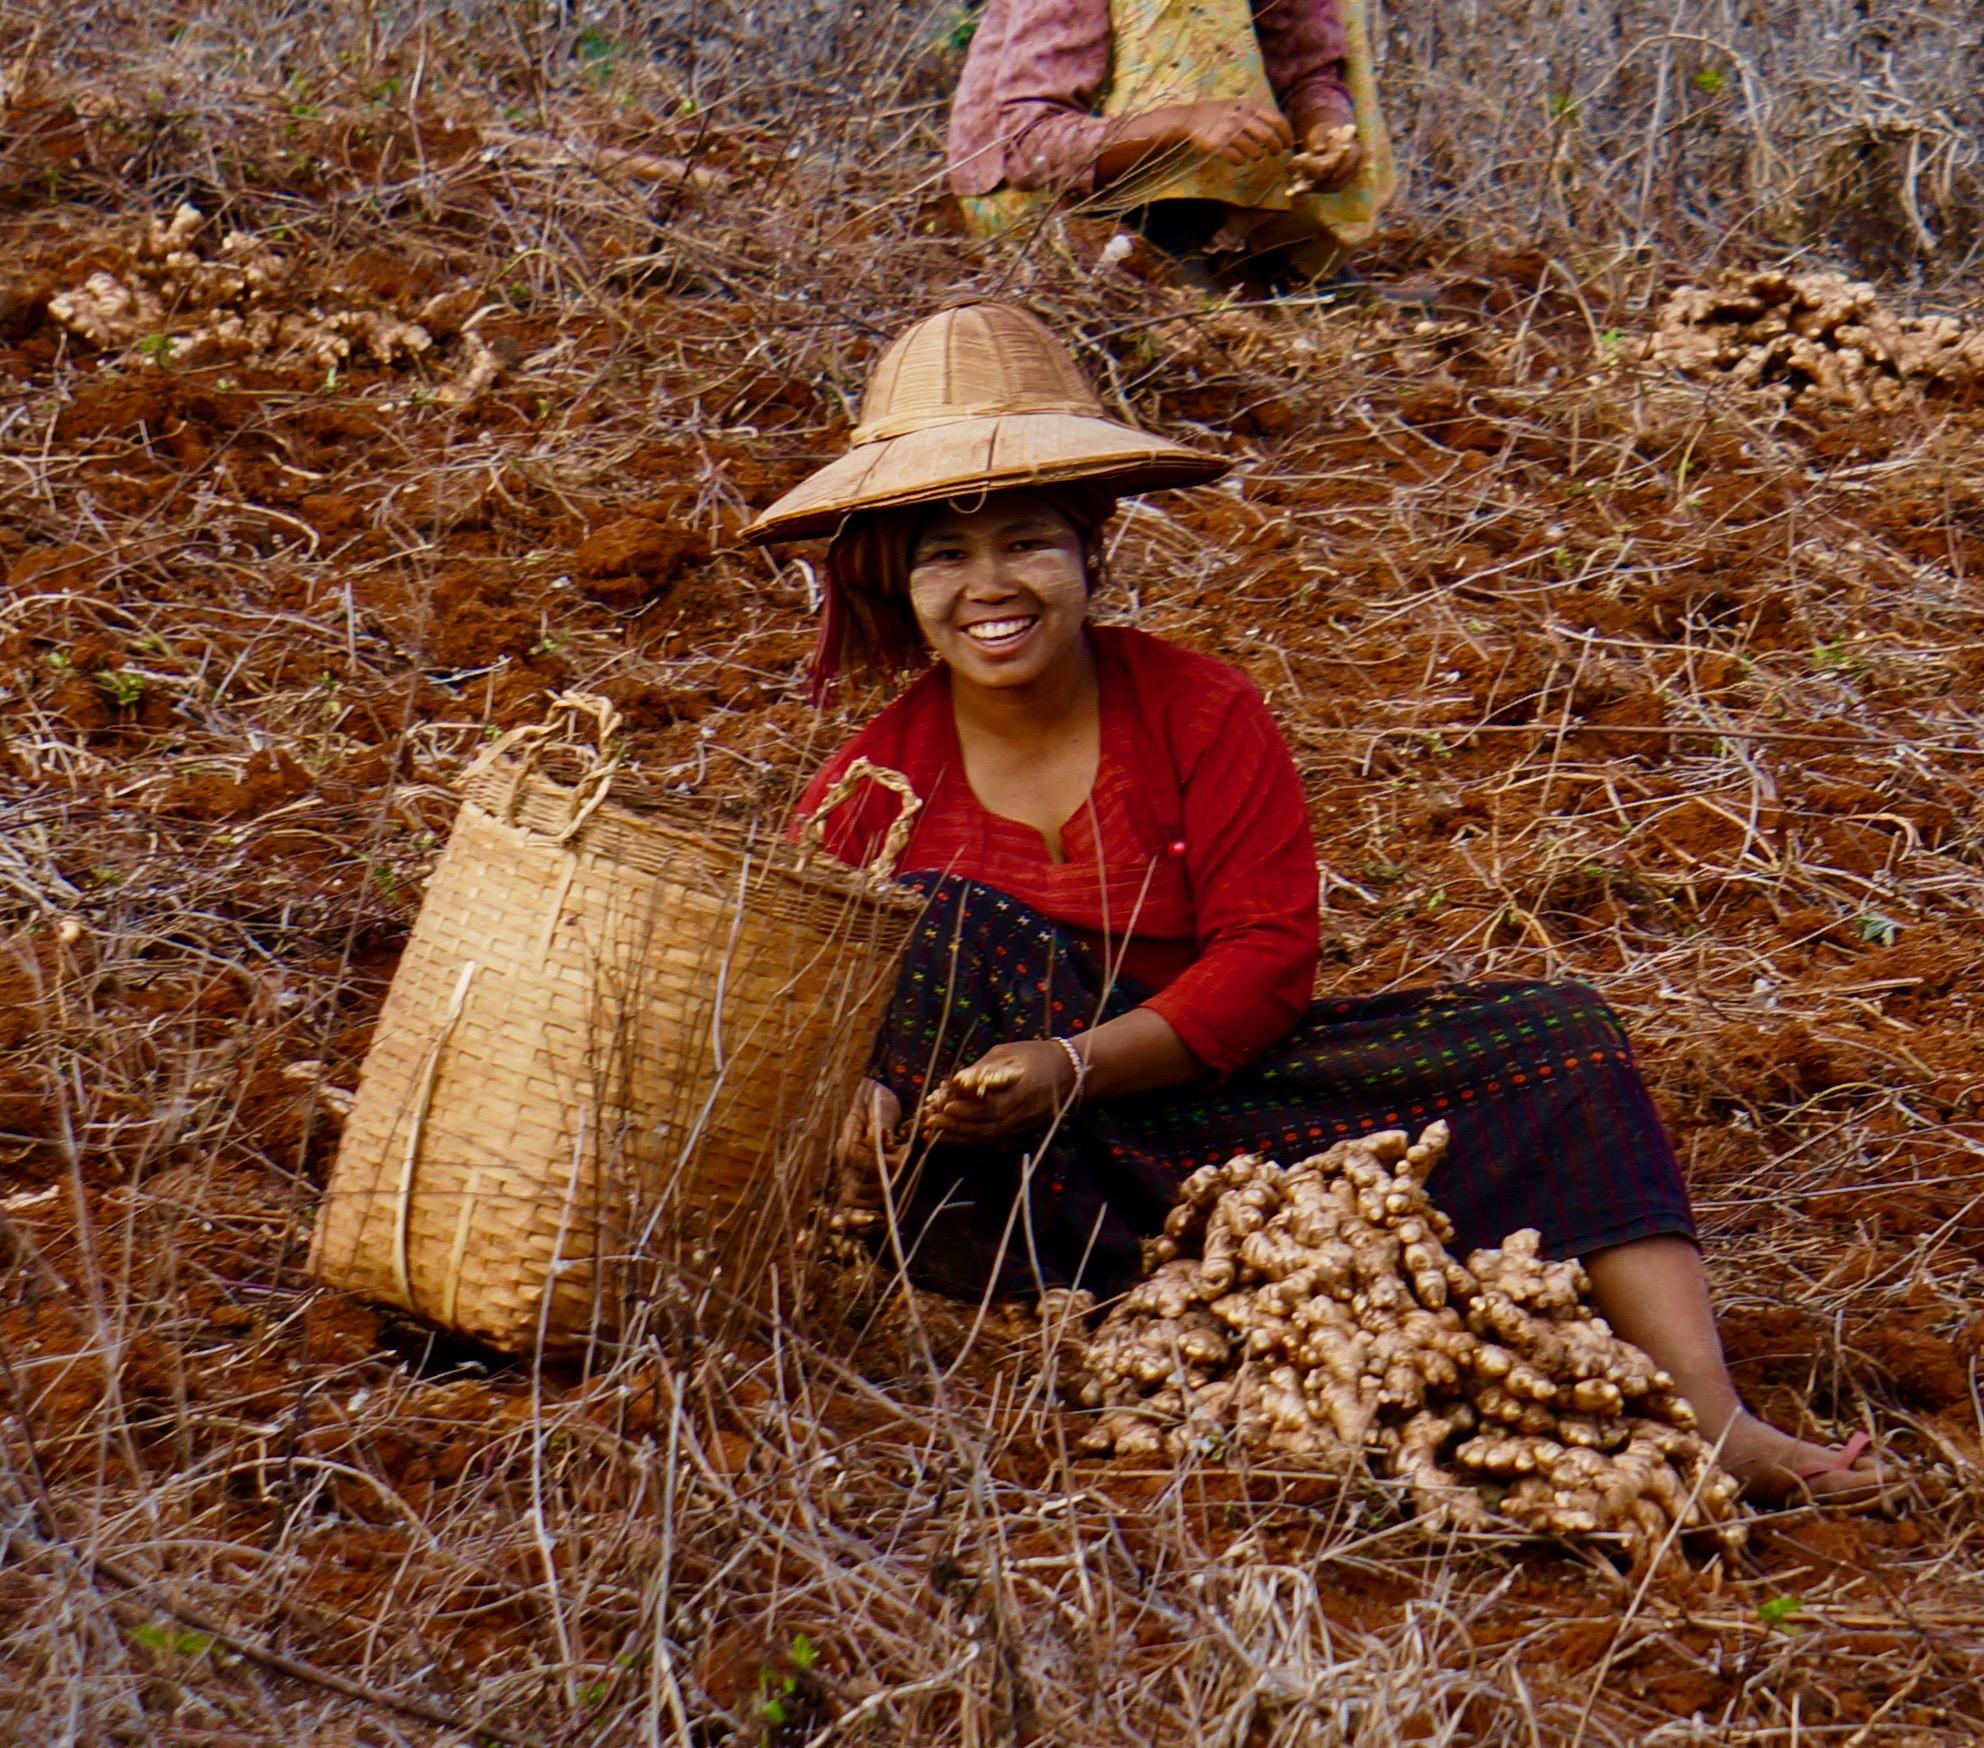 People-Girl in Field.jpg